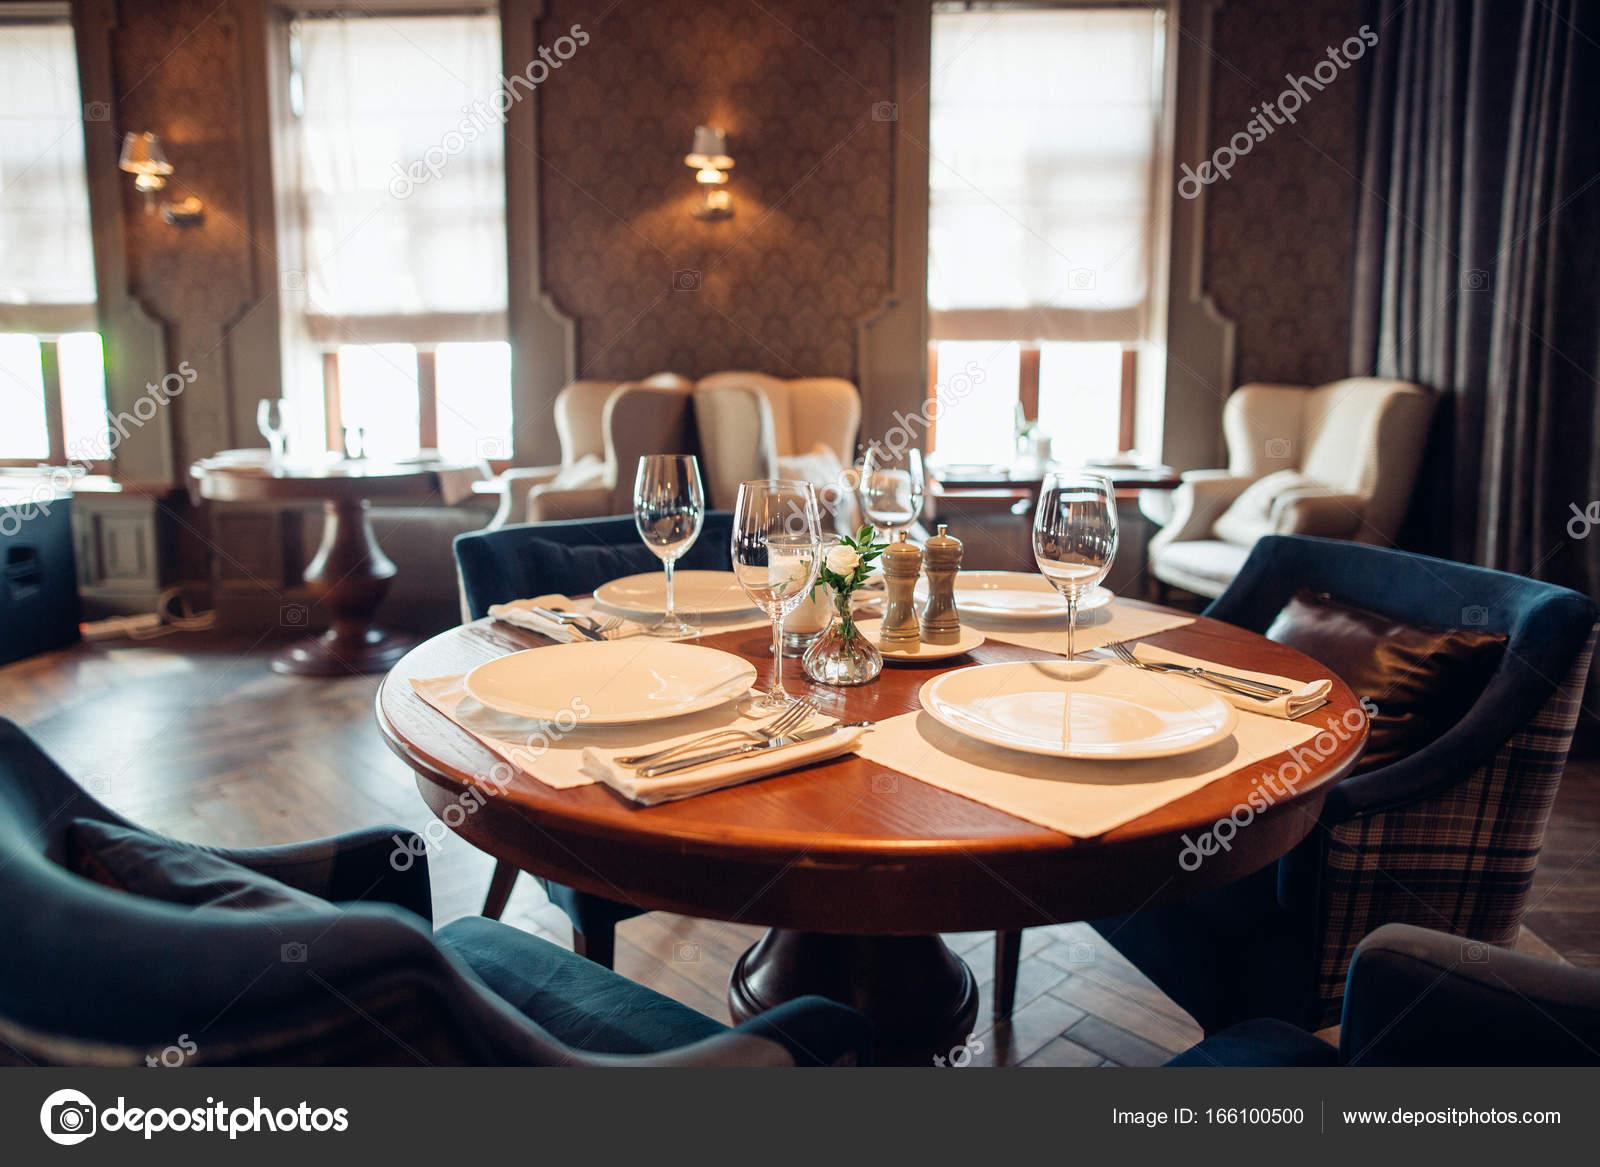 Interieur eines modernen Restaurants, klassisches Design ...